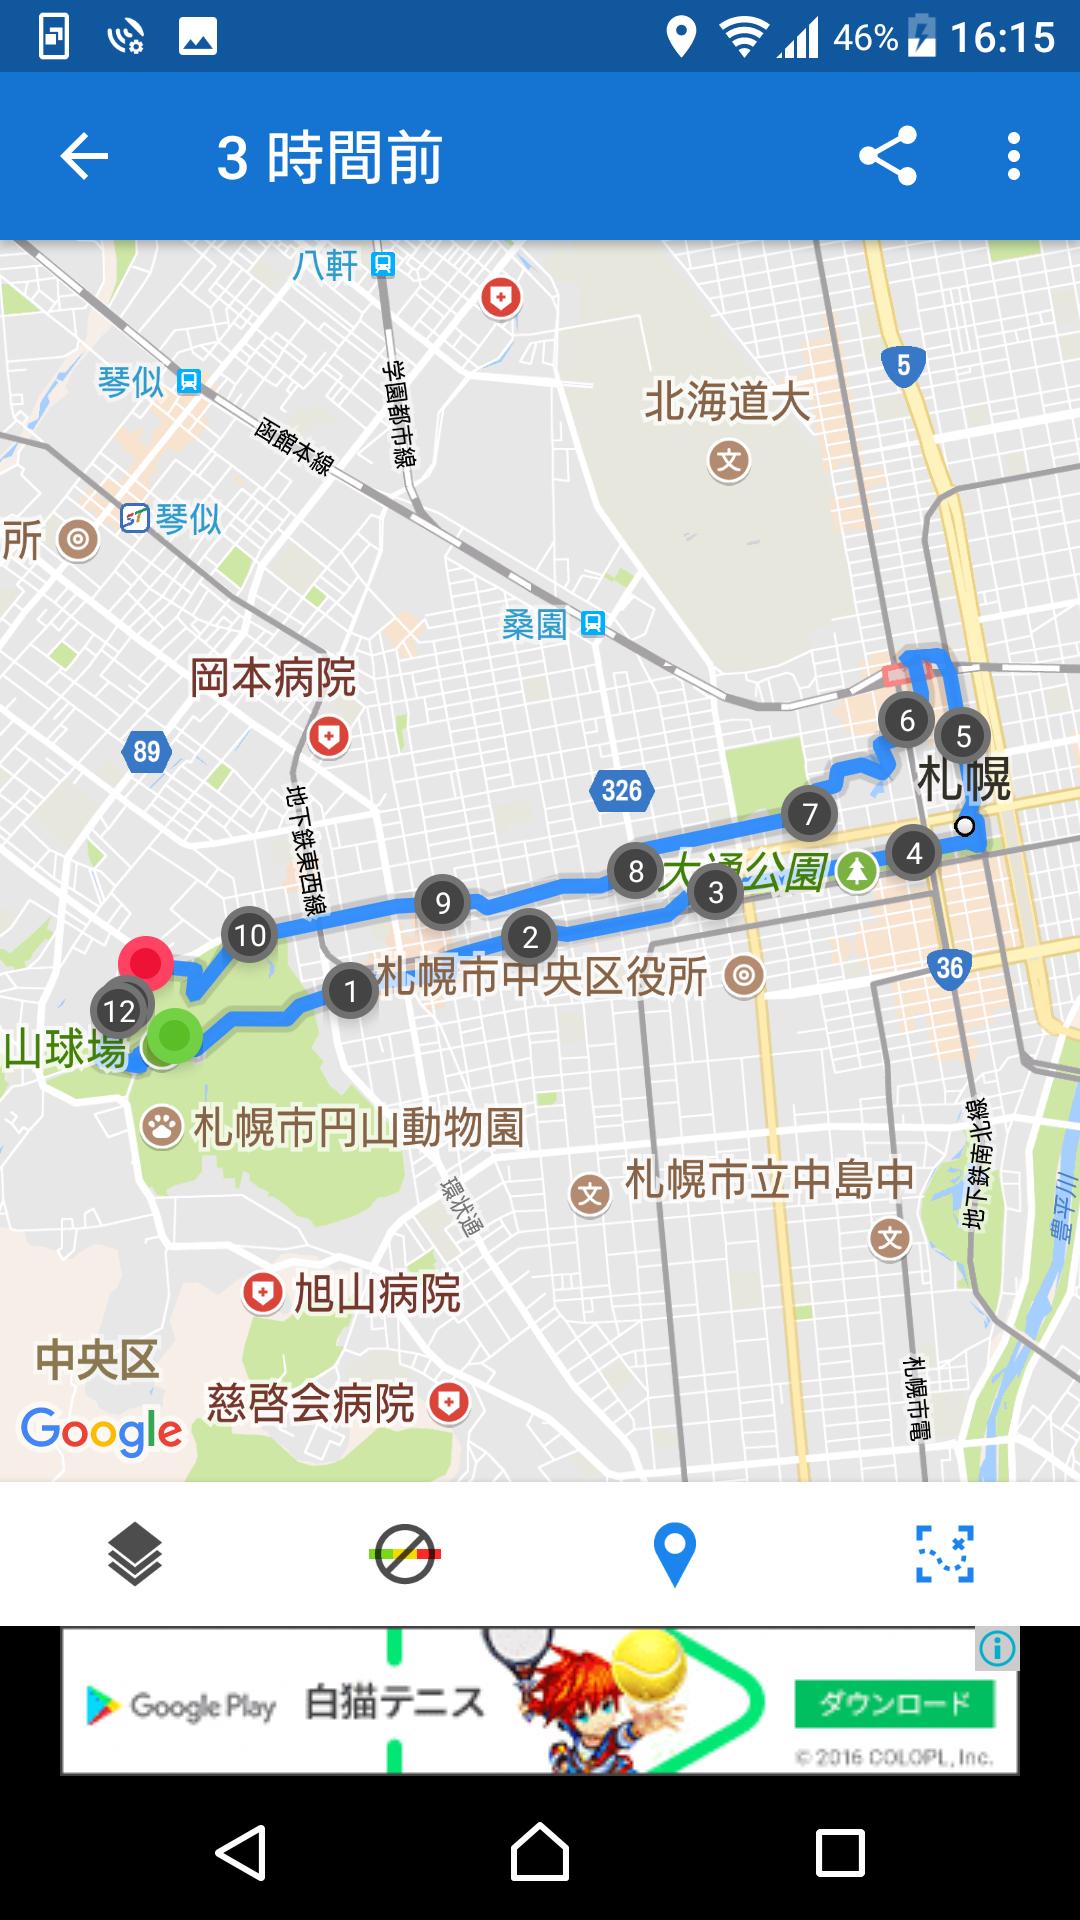 f:id:ynakayama27:20170621165145p:plain